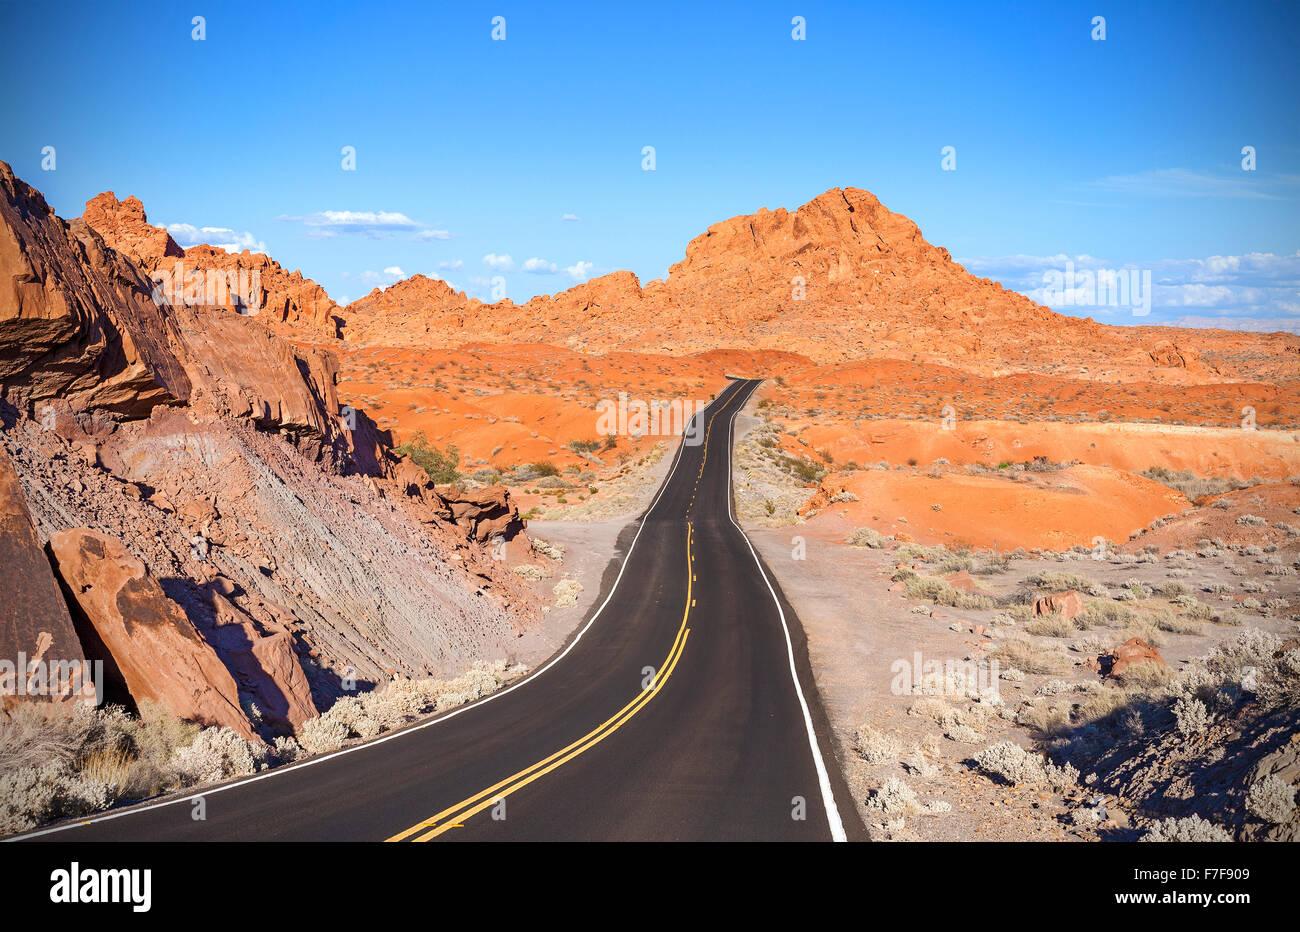 Deserto di avvolgimento autostrada, travel adventure concept, la Valle del Fuoco del parco statale, Nevada, Stati Uniti d'America. Foto Stock